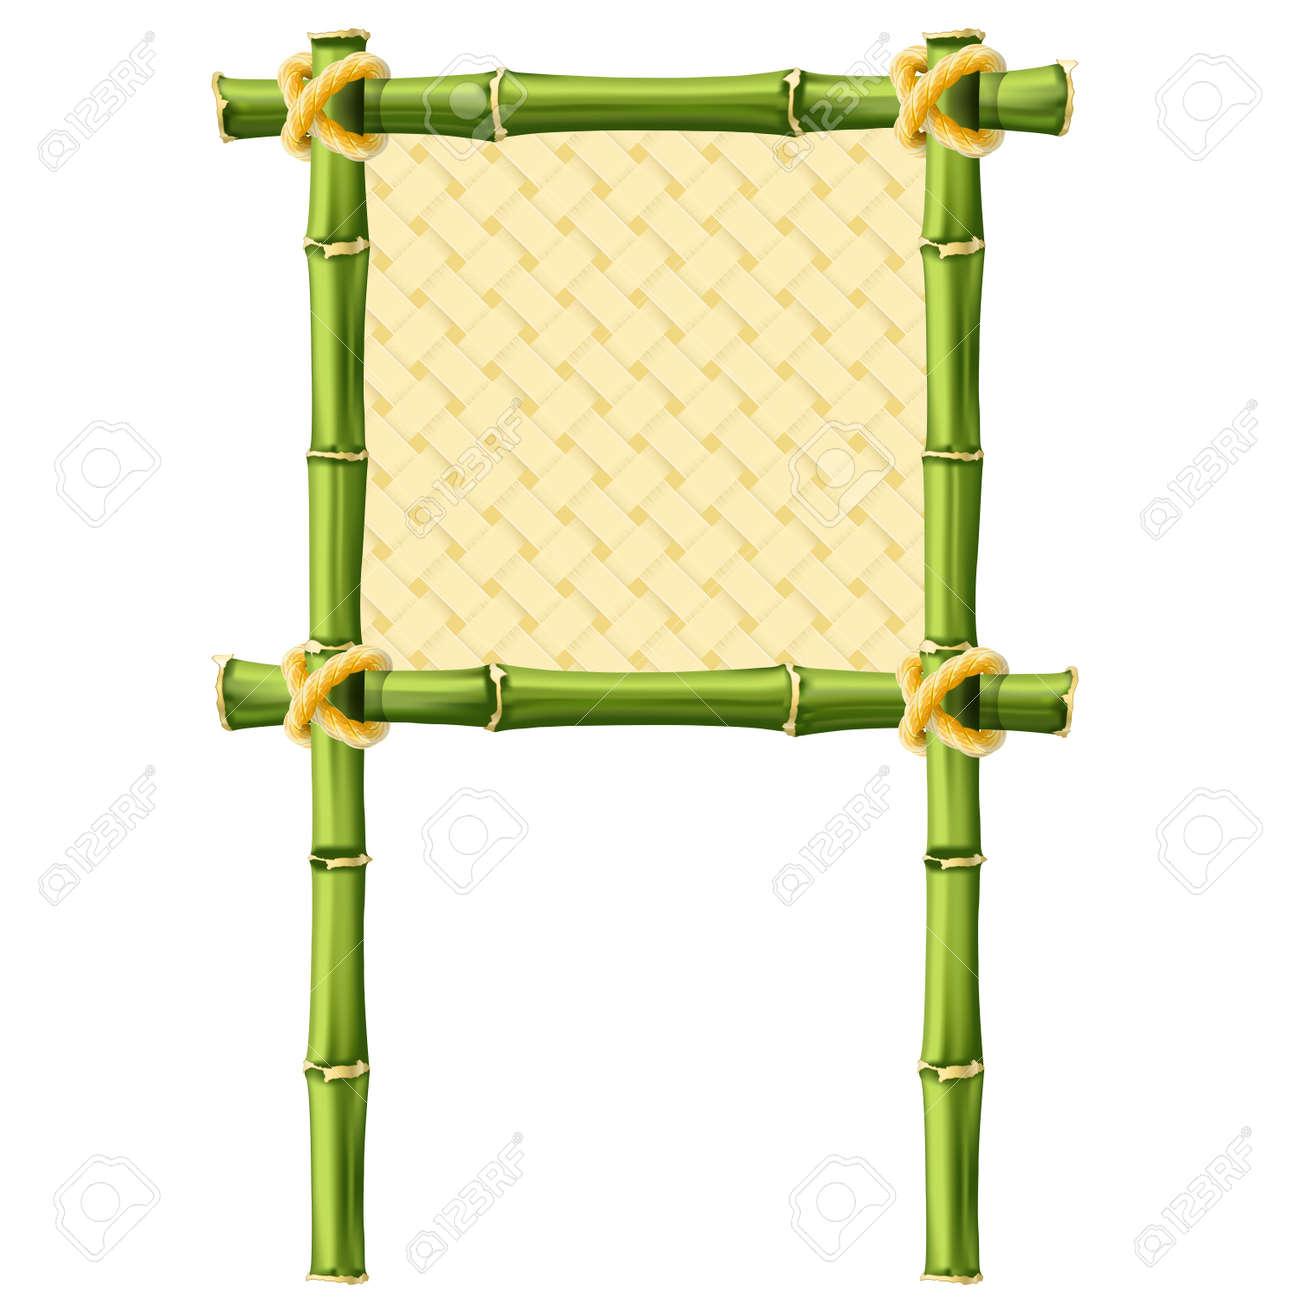 Marco De Bambú Cuadrada Con Fondo De Mimbre - Letrero Ilustraciones ...